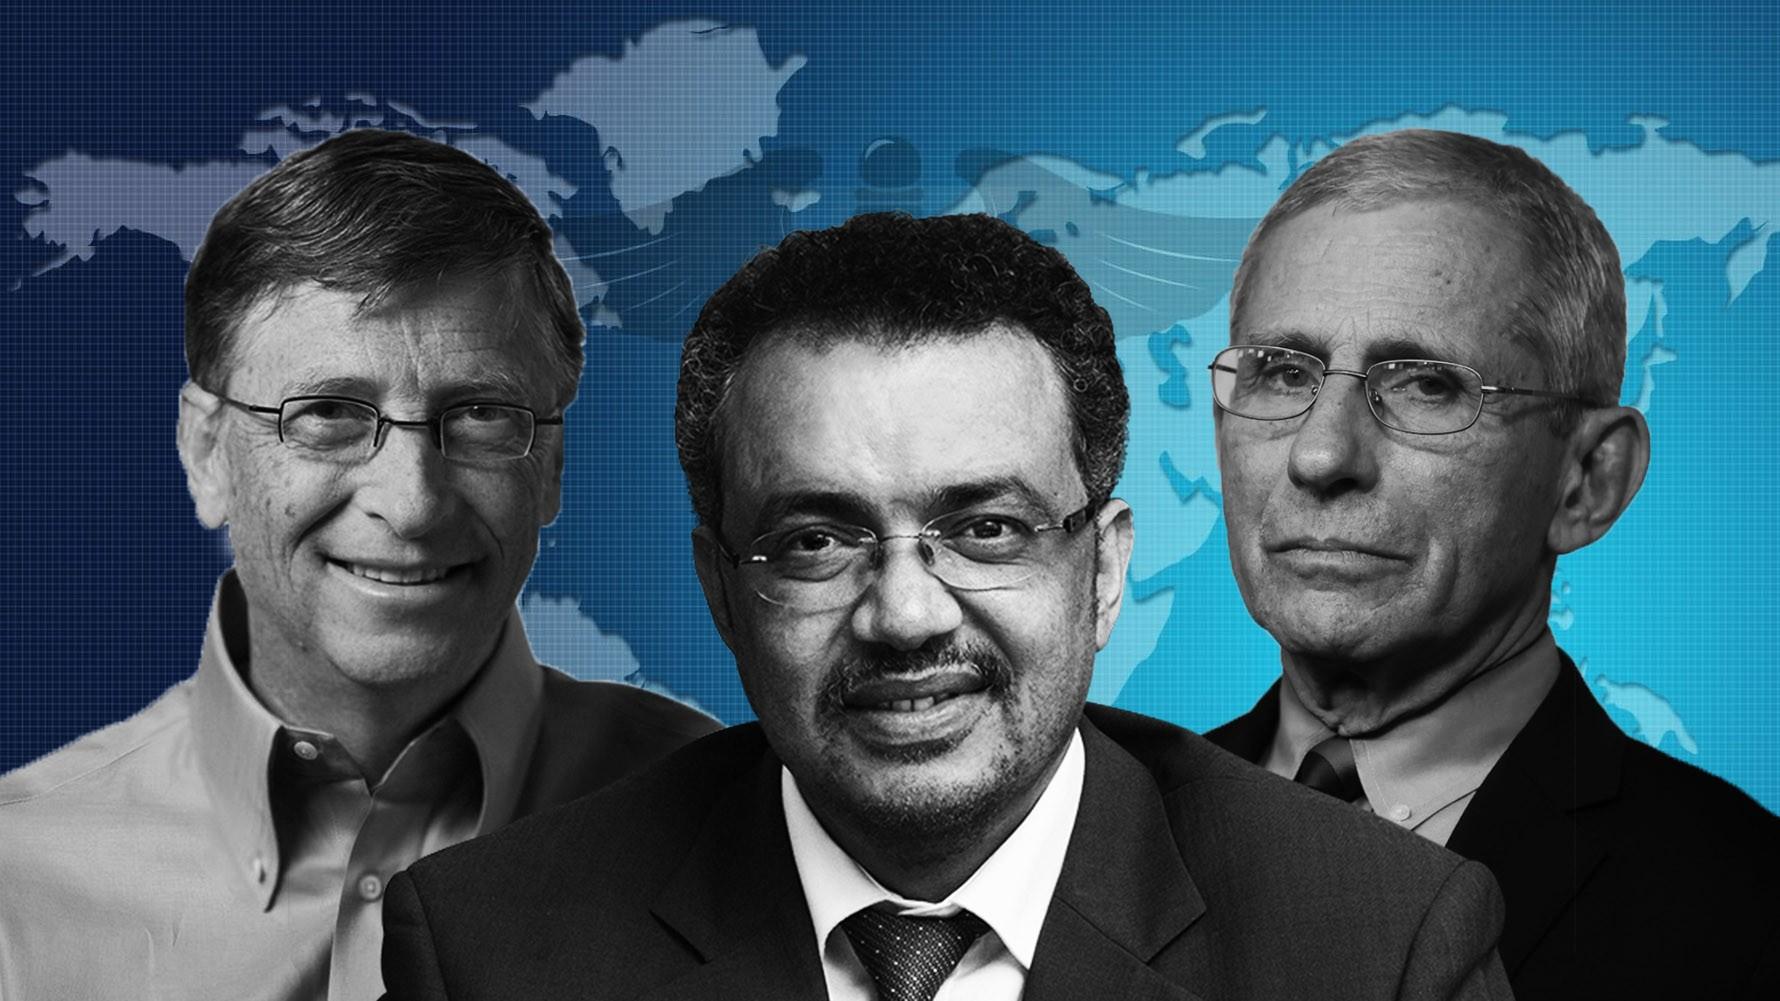 Vaccini ▻ Svelati i rapporti tra Adhanom, Fauci e Bill Gates ...